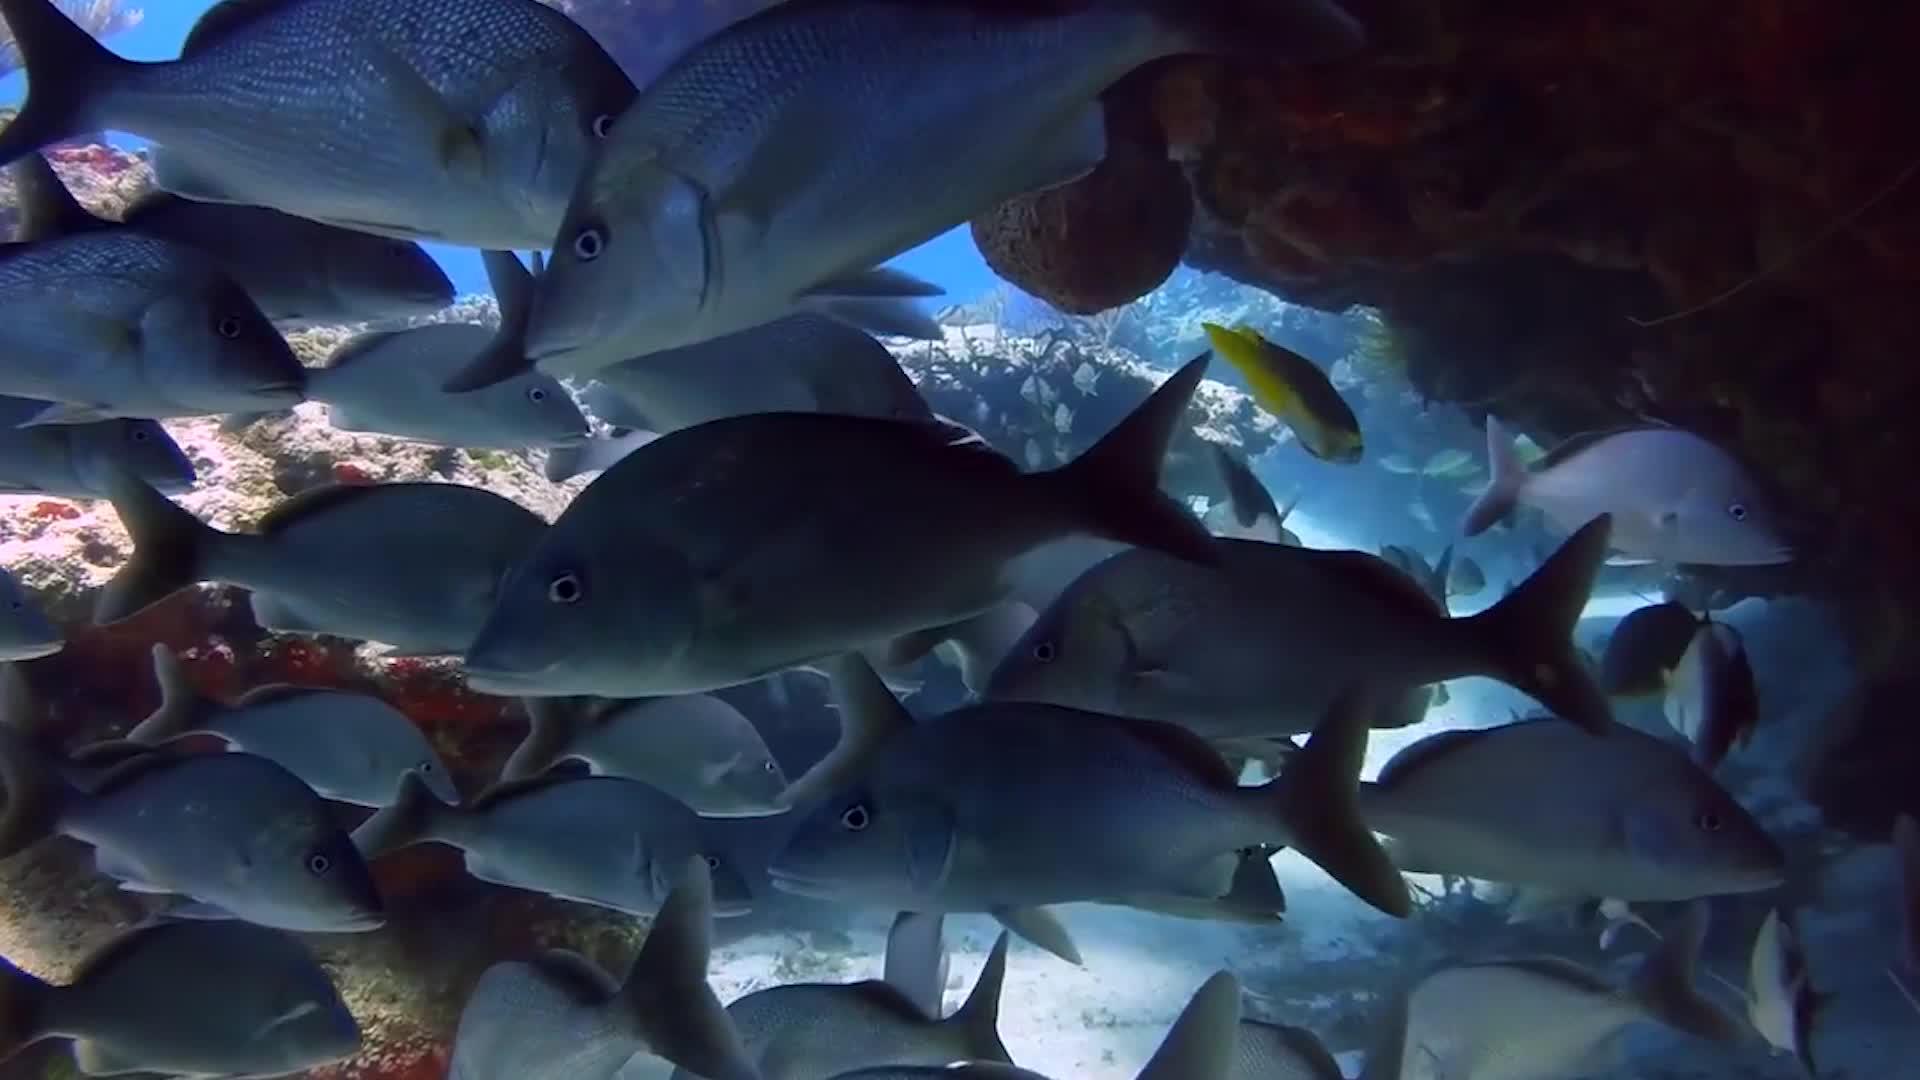 把淡水鱼放进海水中,鱼会怎么样?跟随镜头来看一看